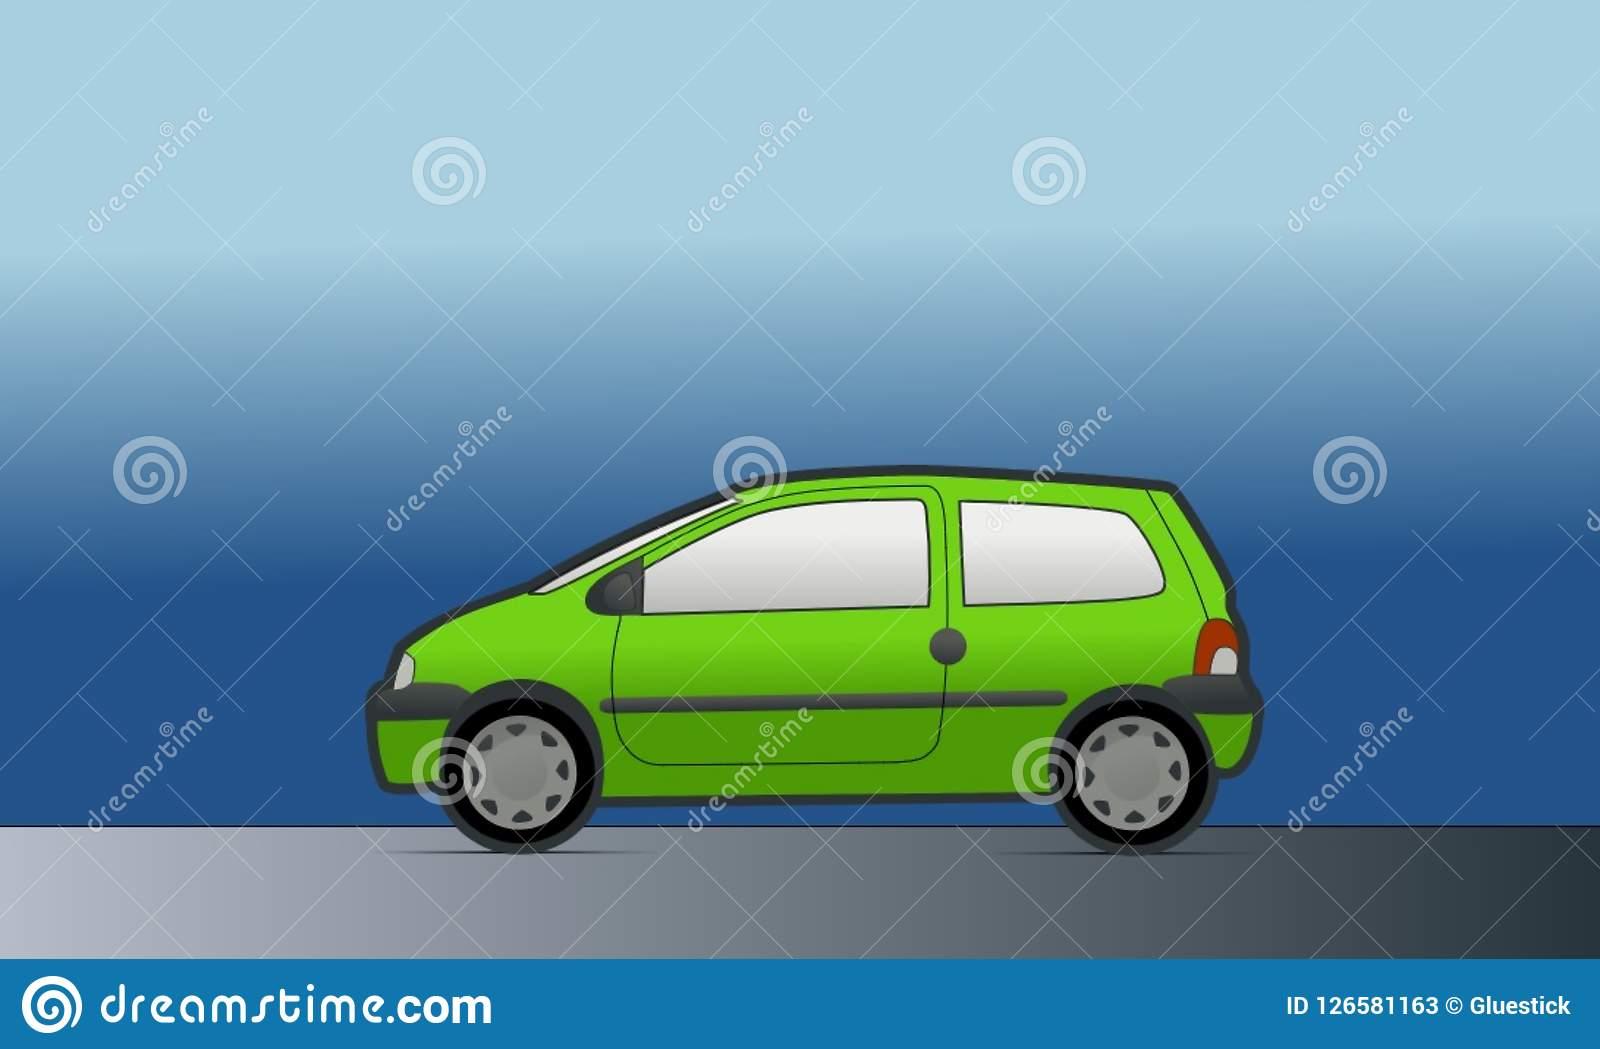 Green Car Clipart stock illustration. Illustration of trasport.